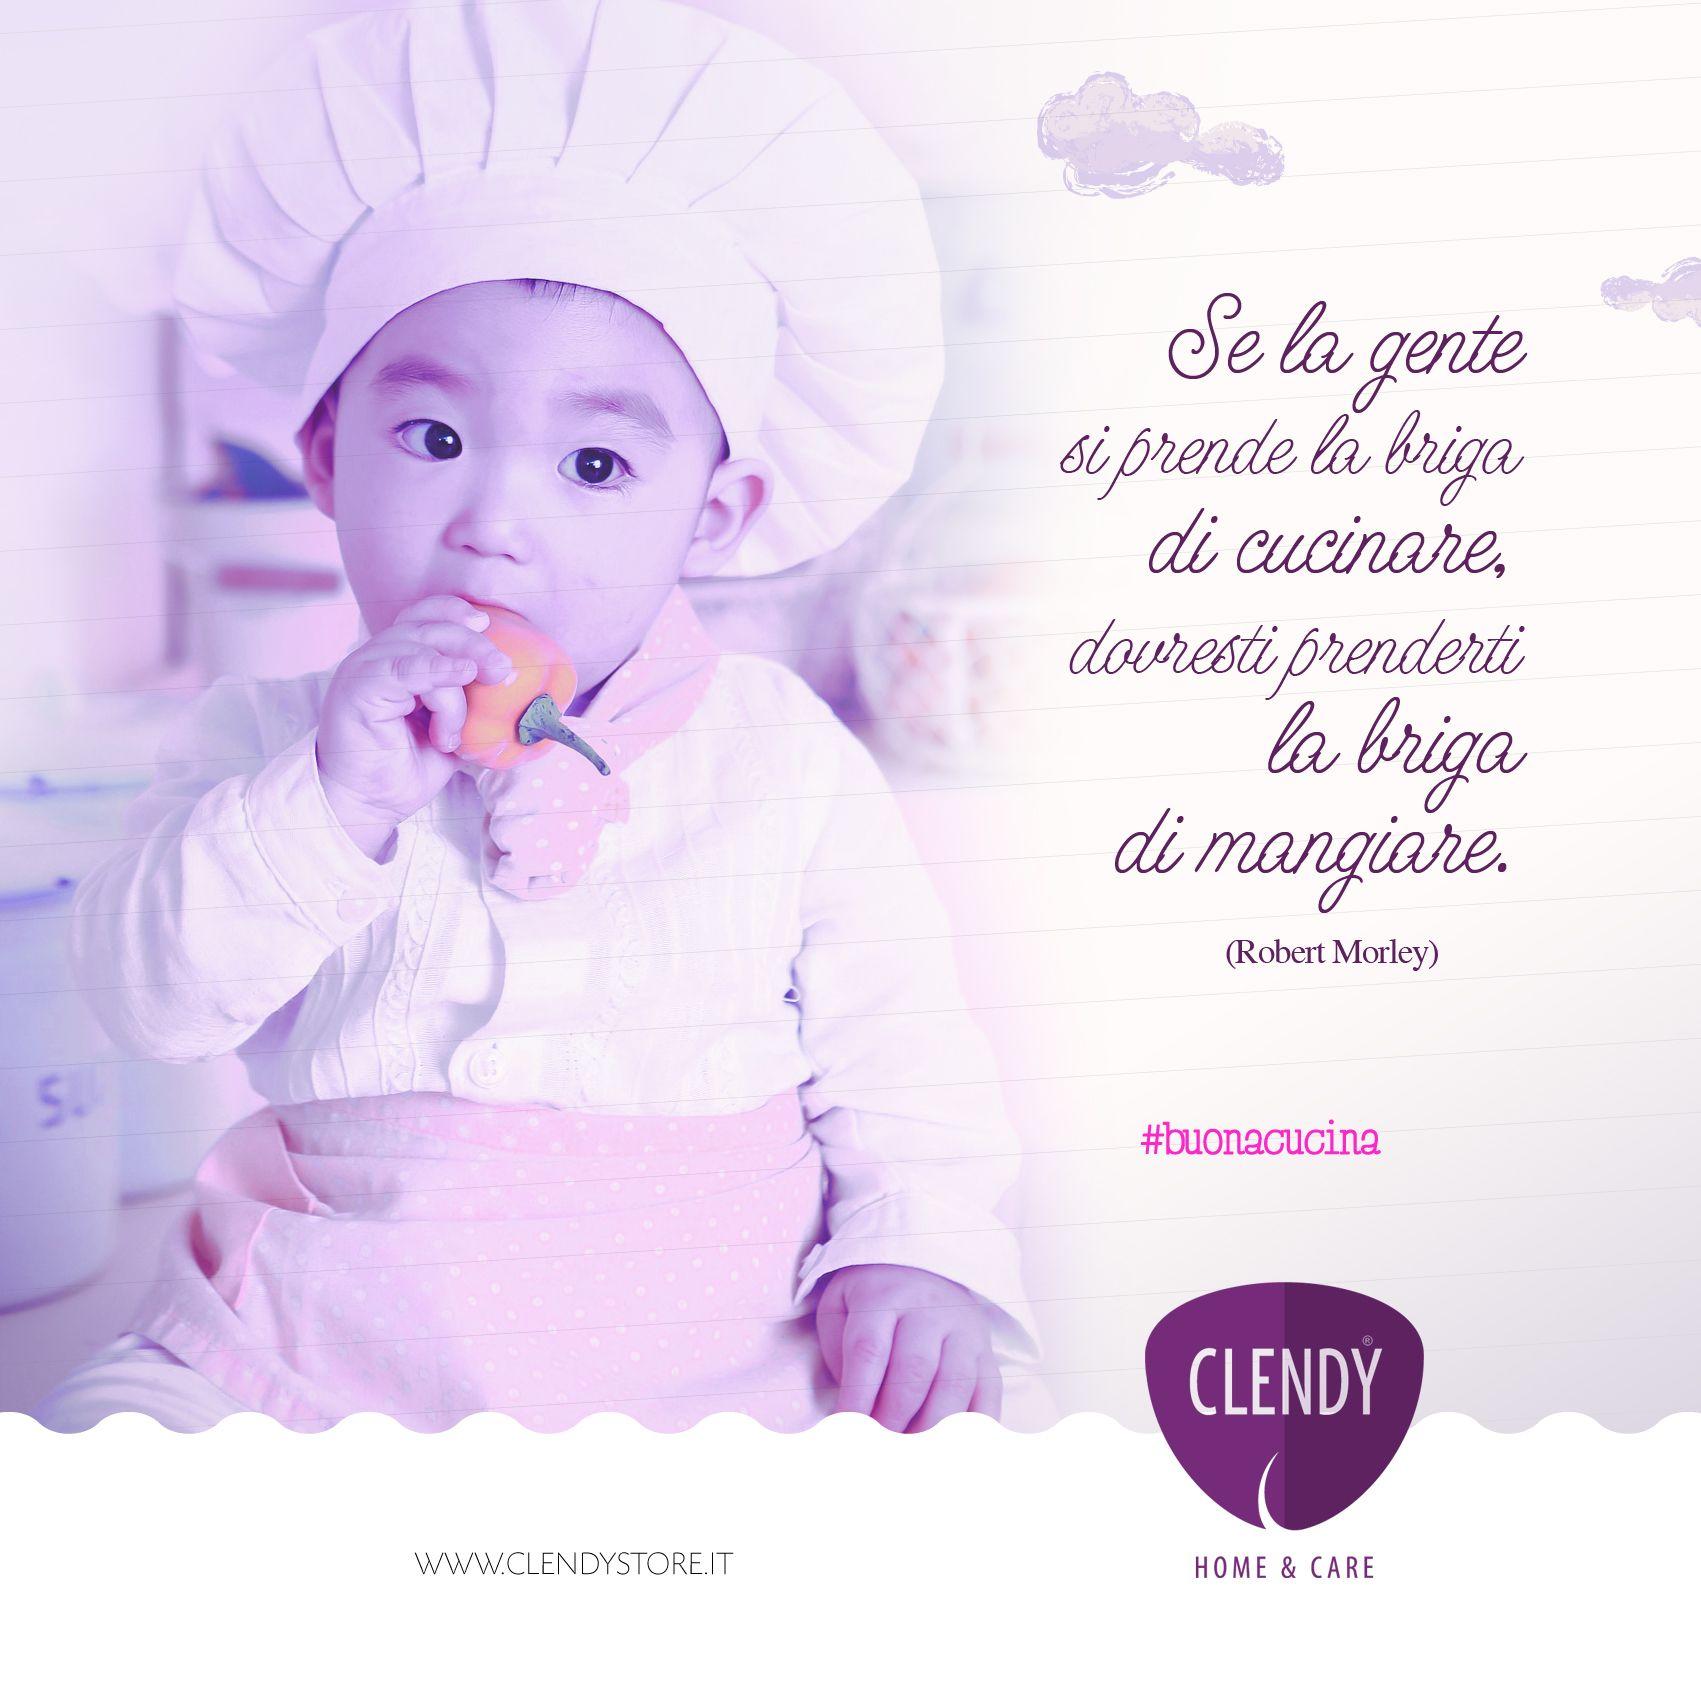 """""""Se la gente si prende la briga di cucinare, dovresti prenderti la briga di mangiare"""" (Robert Morley) #aforismi #clendy #quotes #citazioni #cucina #mangiare #dieta #riflessioni #umorismo www.clendystore.it"""